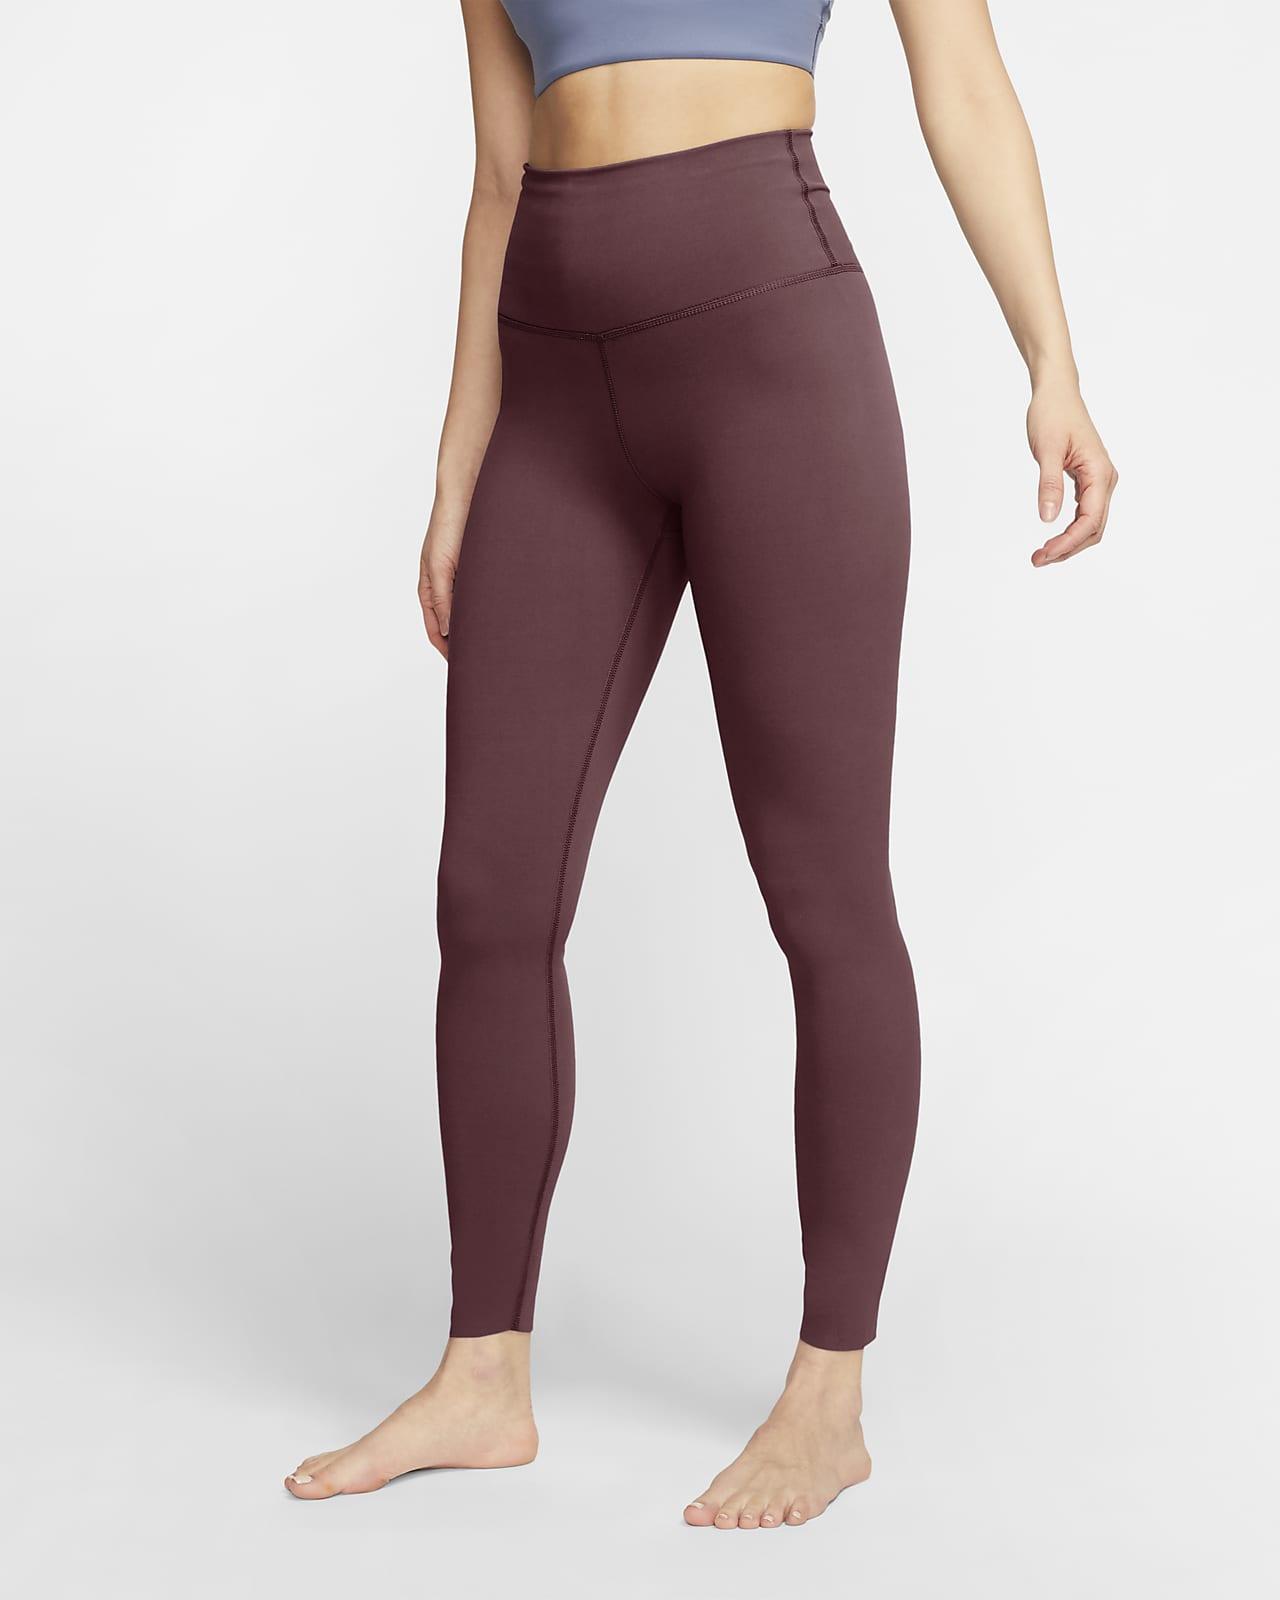 Nike Yoga Luxe Malles de teixit Infinalon de 7/8 - Dona